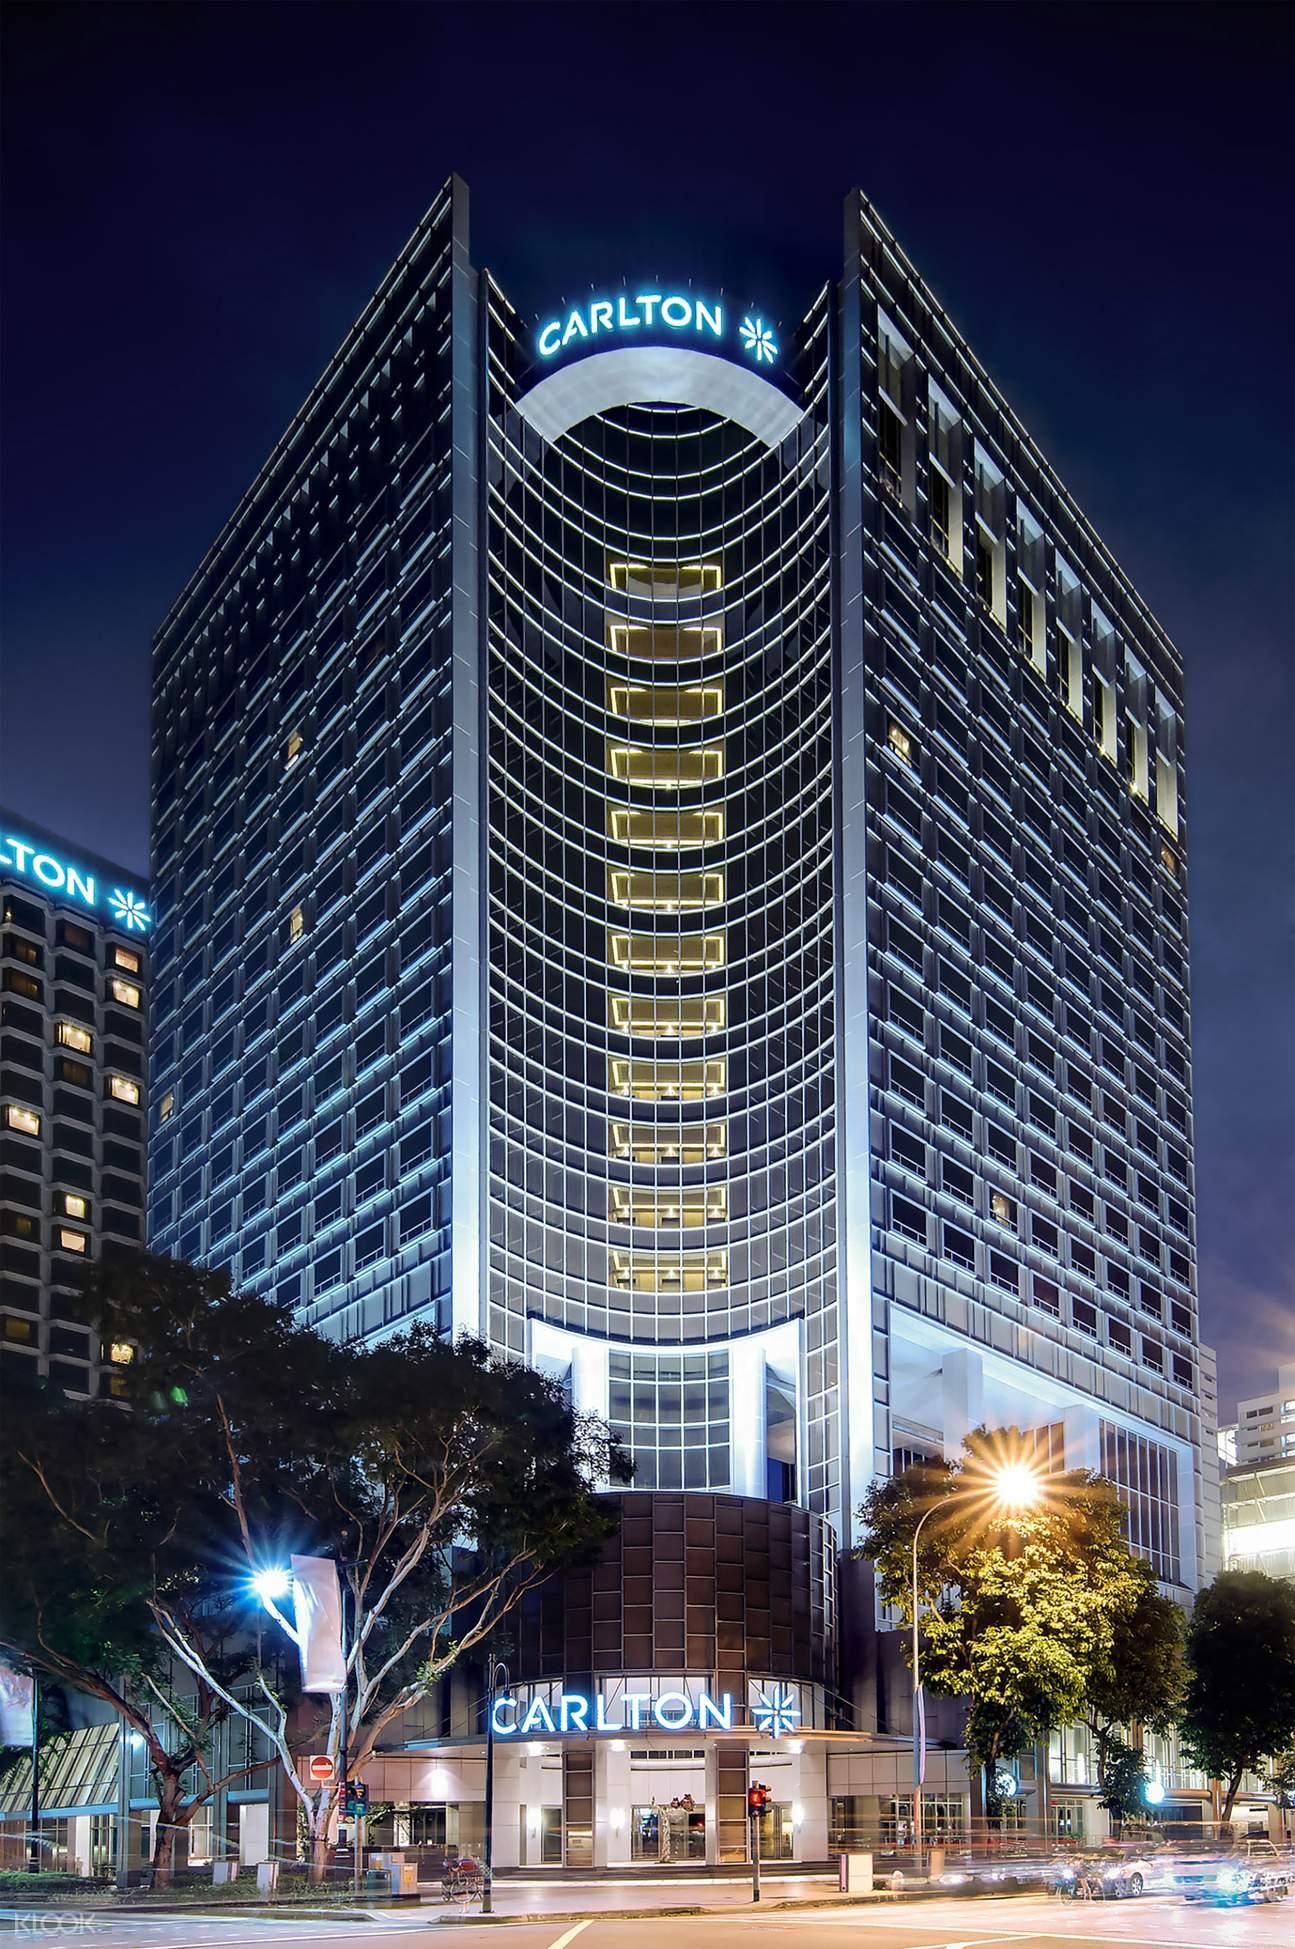 Carlton Hotel Facade